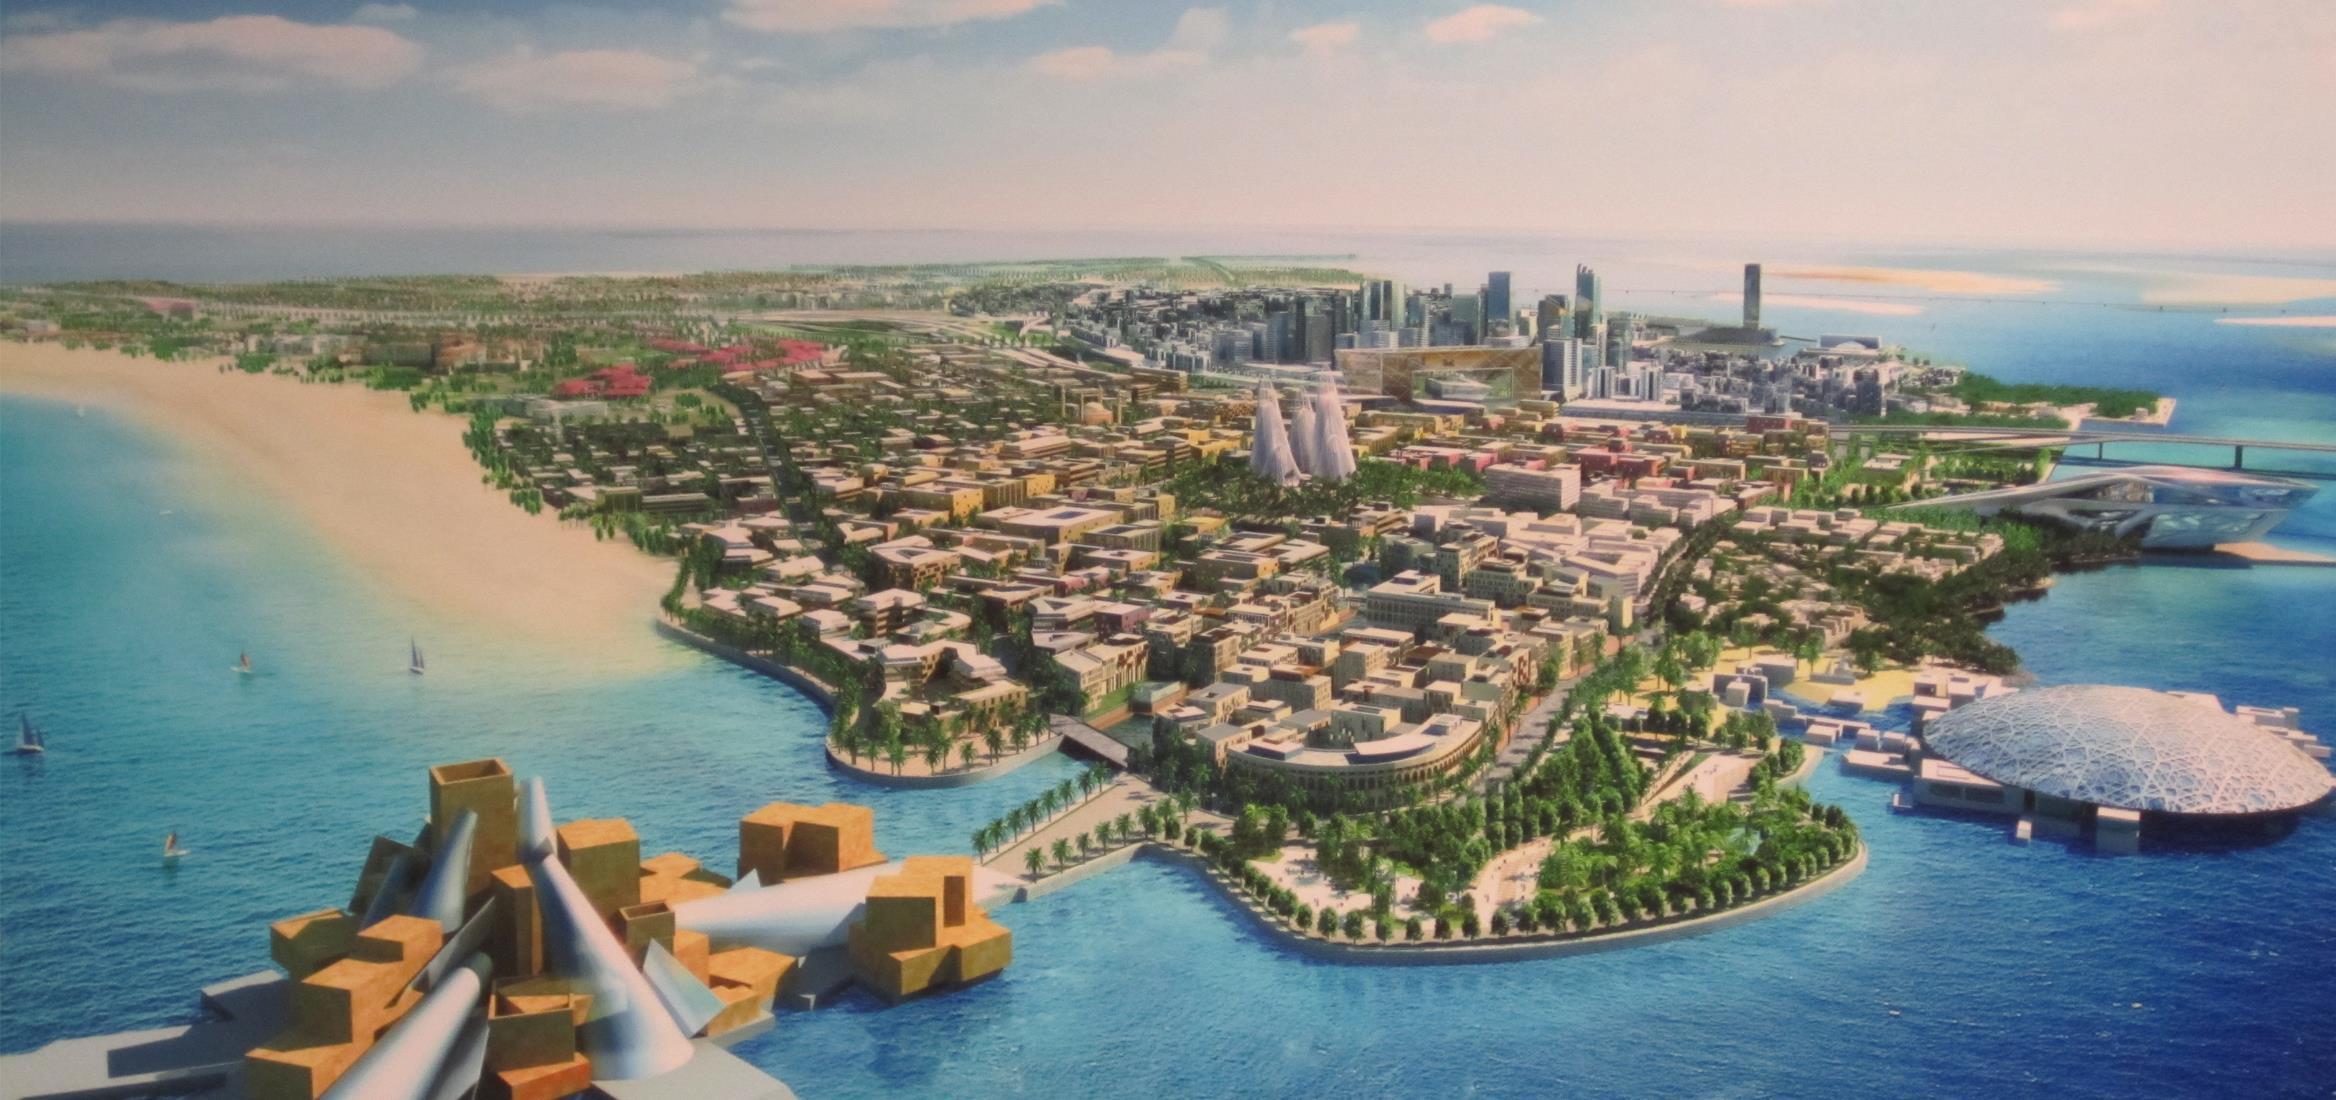 Saadiyat - Abu Dhabi